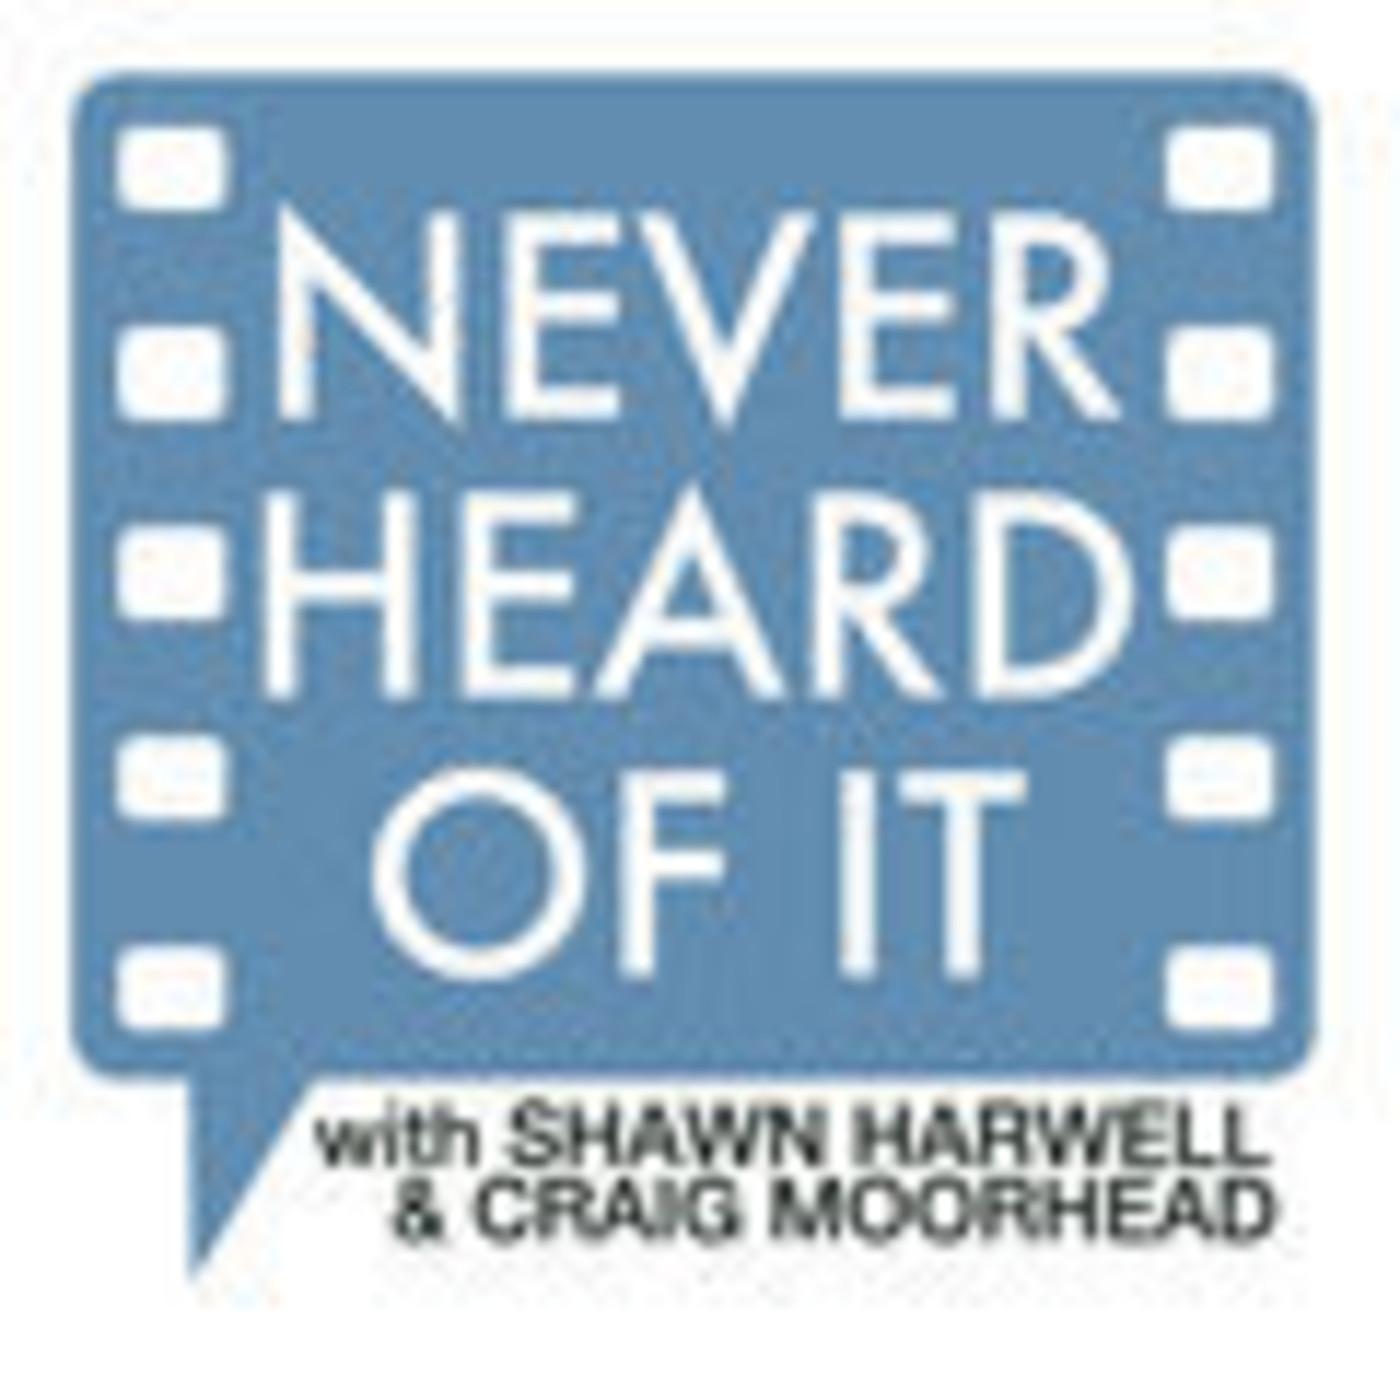 Shawn Harwell & Craig Moor